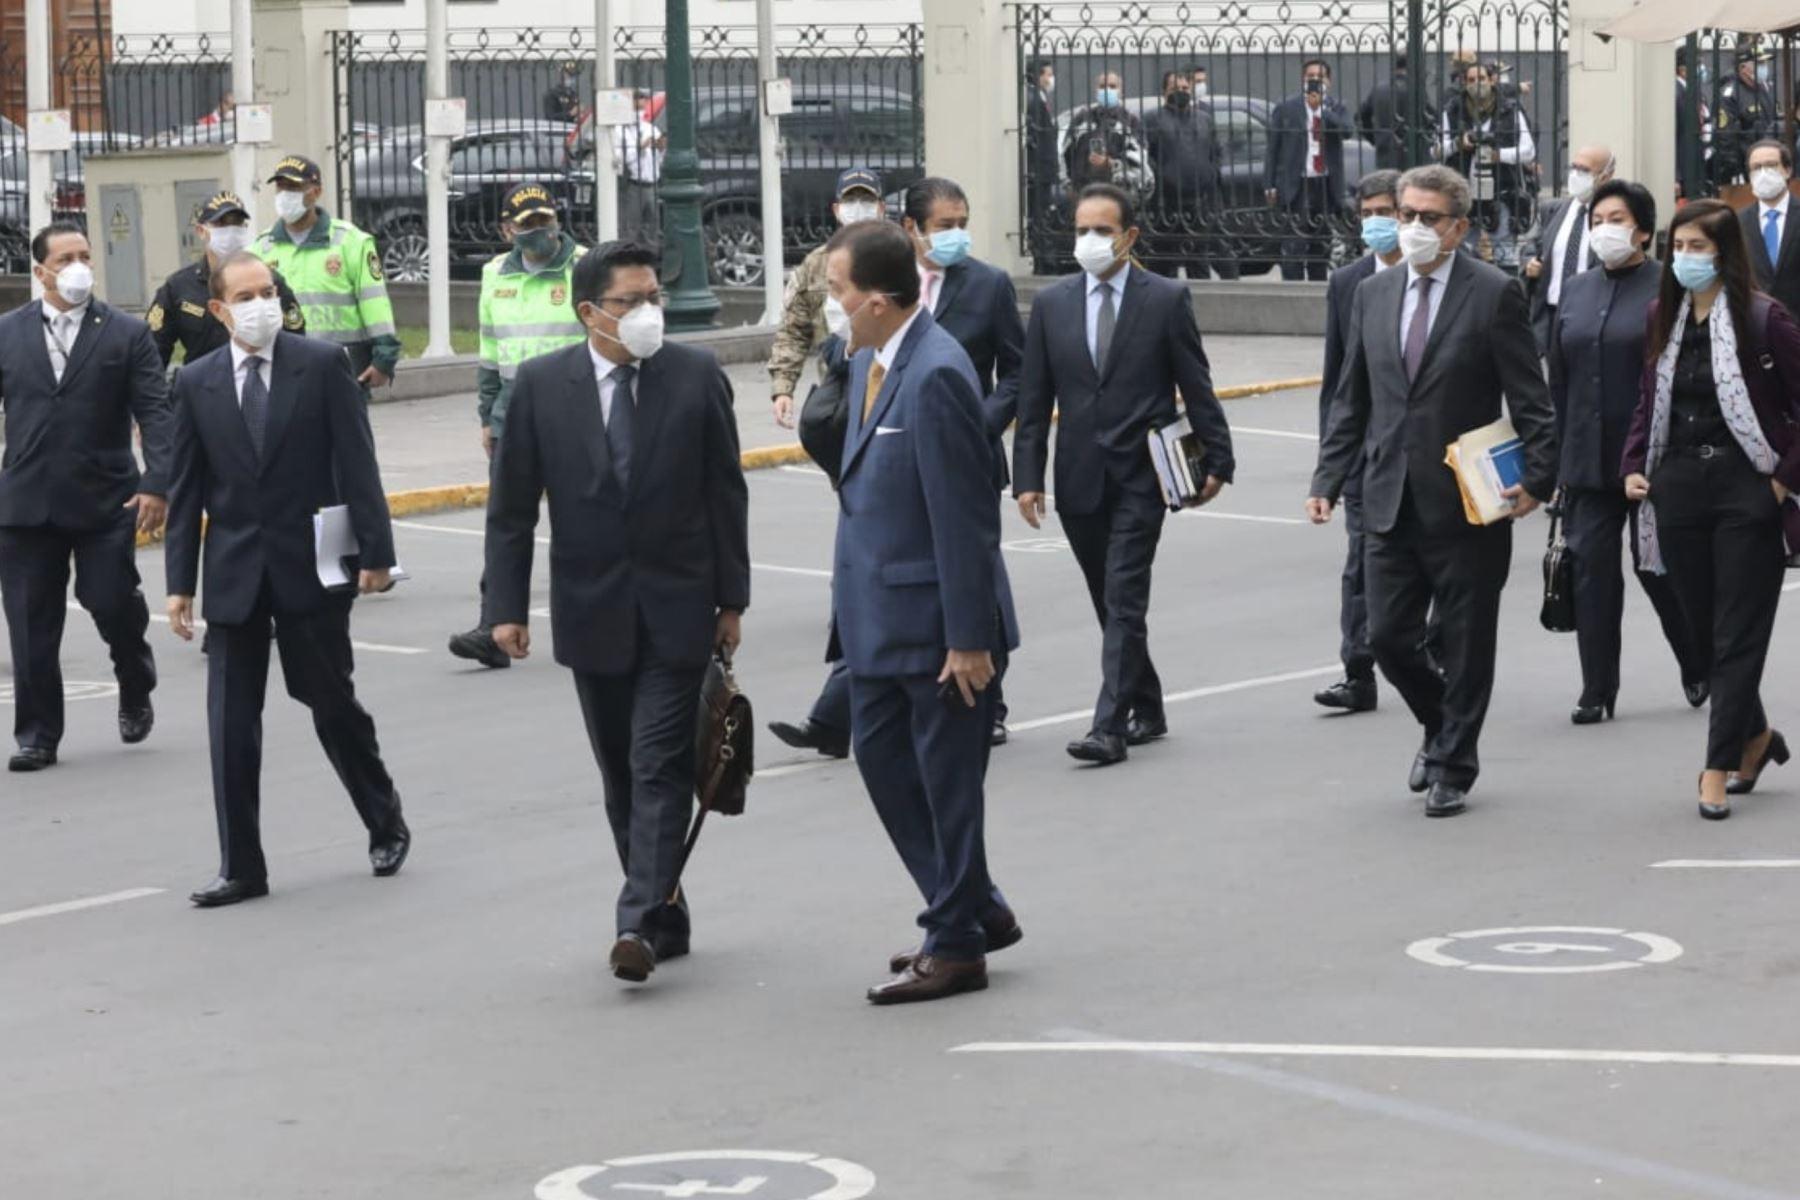 Jefe de Gabinete Vicente Zeballos y ministros llegan al Congreso de la República. Foto: ANDINA/Congreso de la República